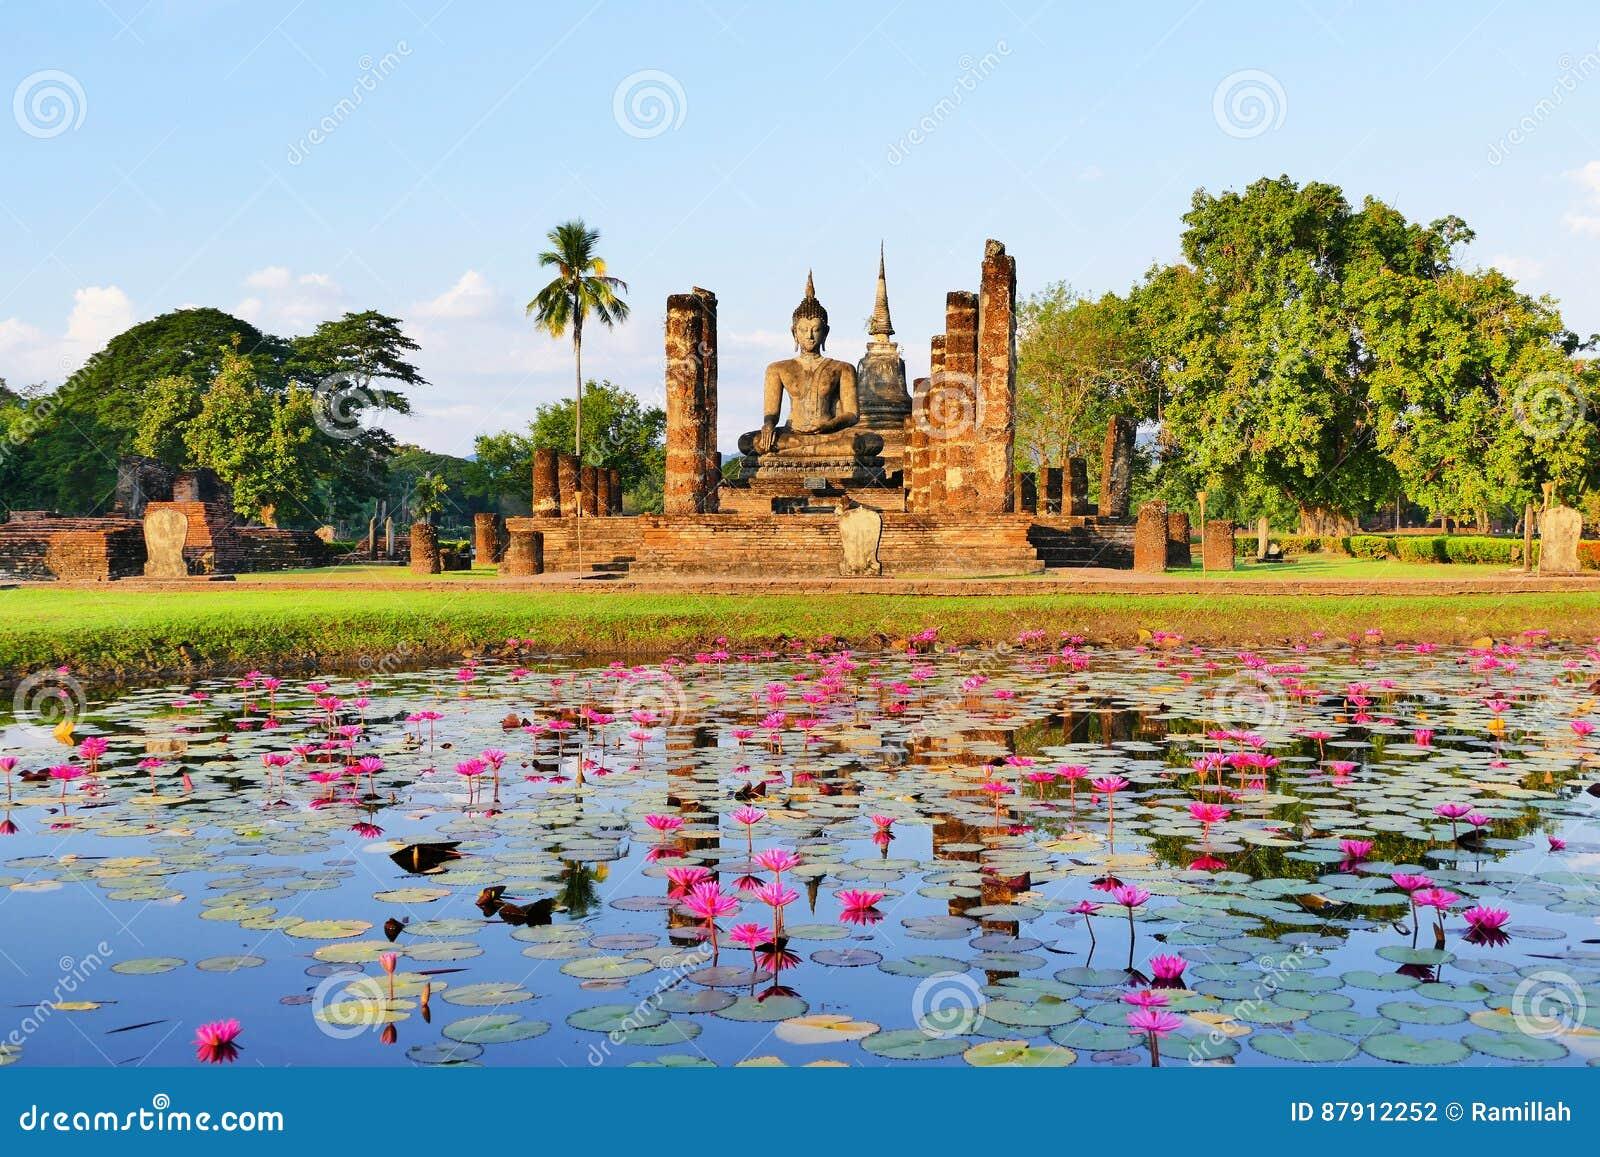 Ruinas antiguas del templo budista de la opinión escénica hermosa del paisaje de Wat Mahathat en el parque histórico de Sukhothai